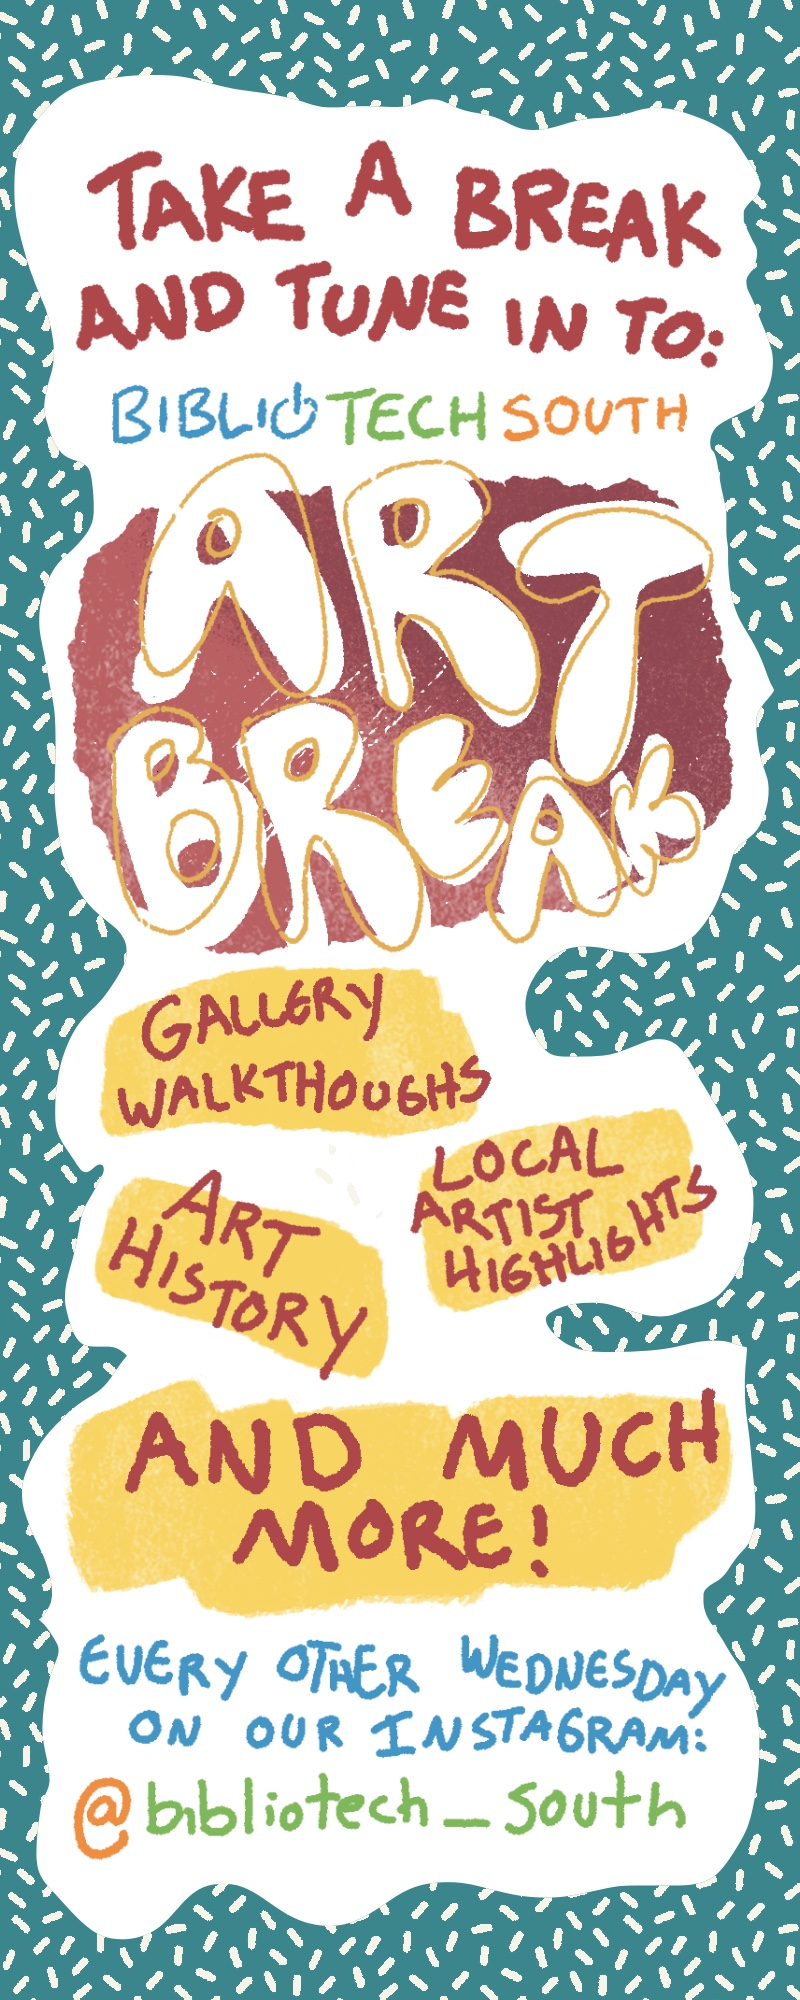 Art Break - South Branch